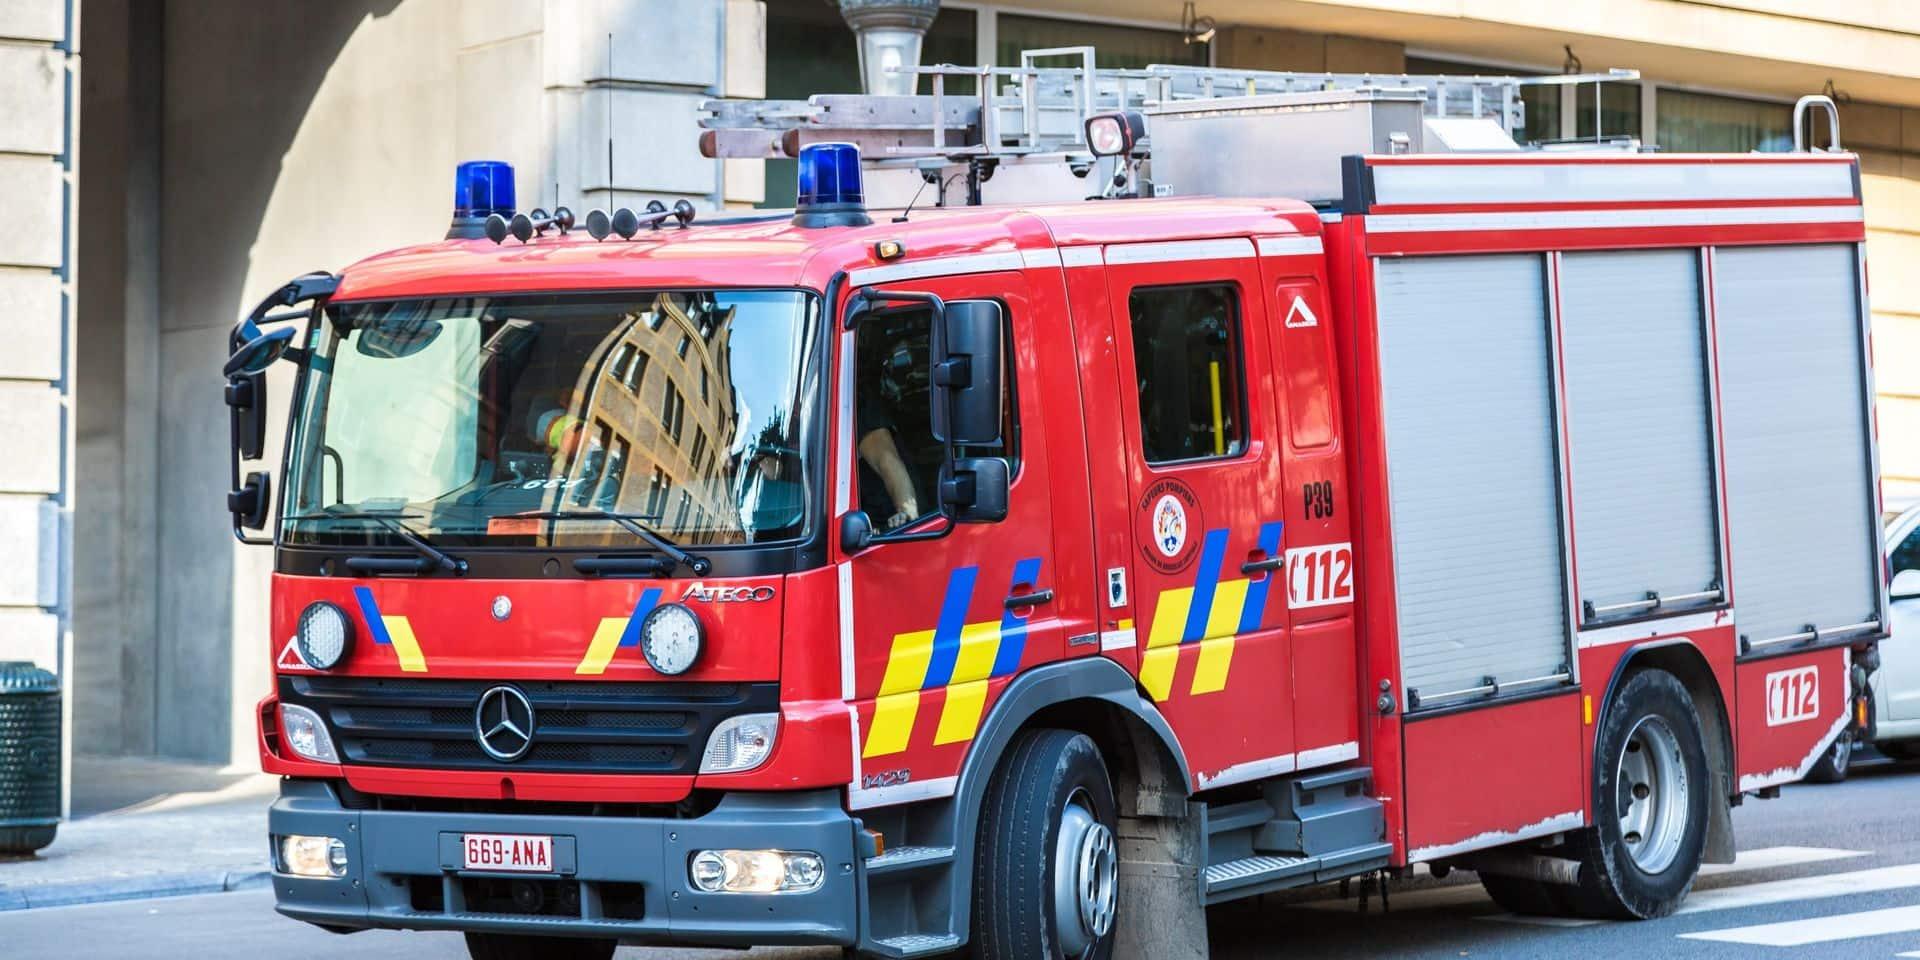 Un violent incendie s'est déclaré dans le monastère de Heule